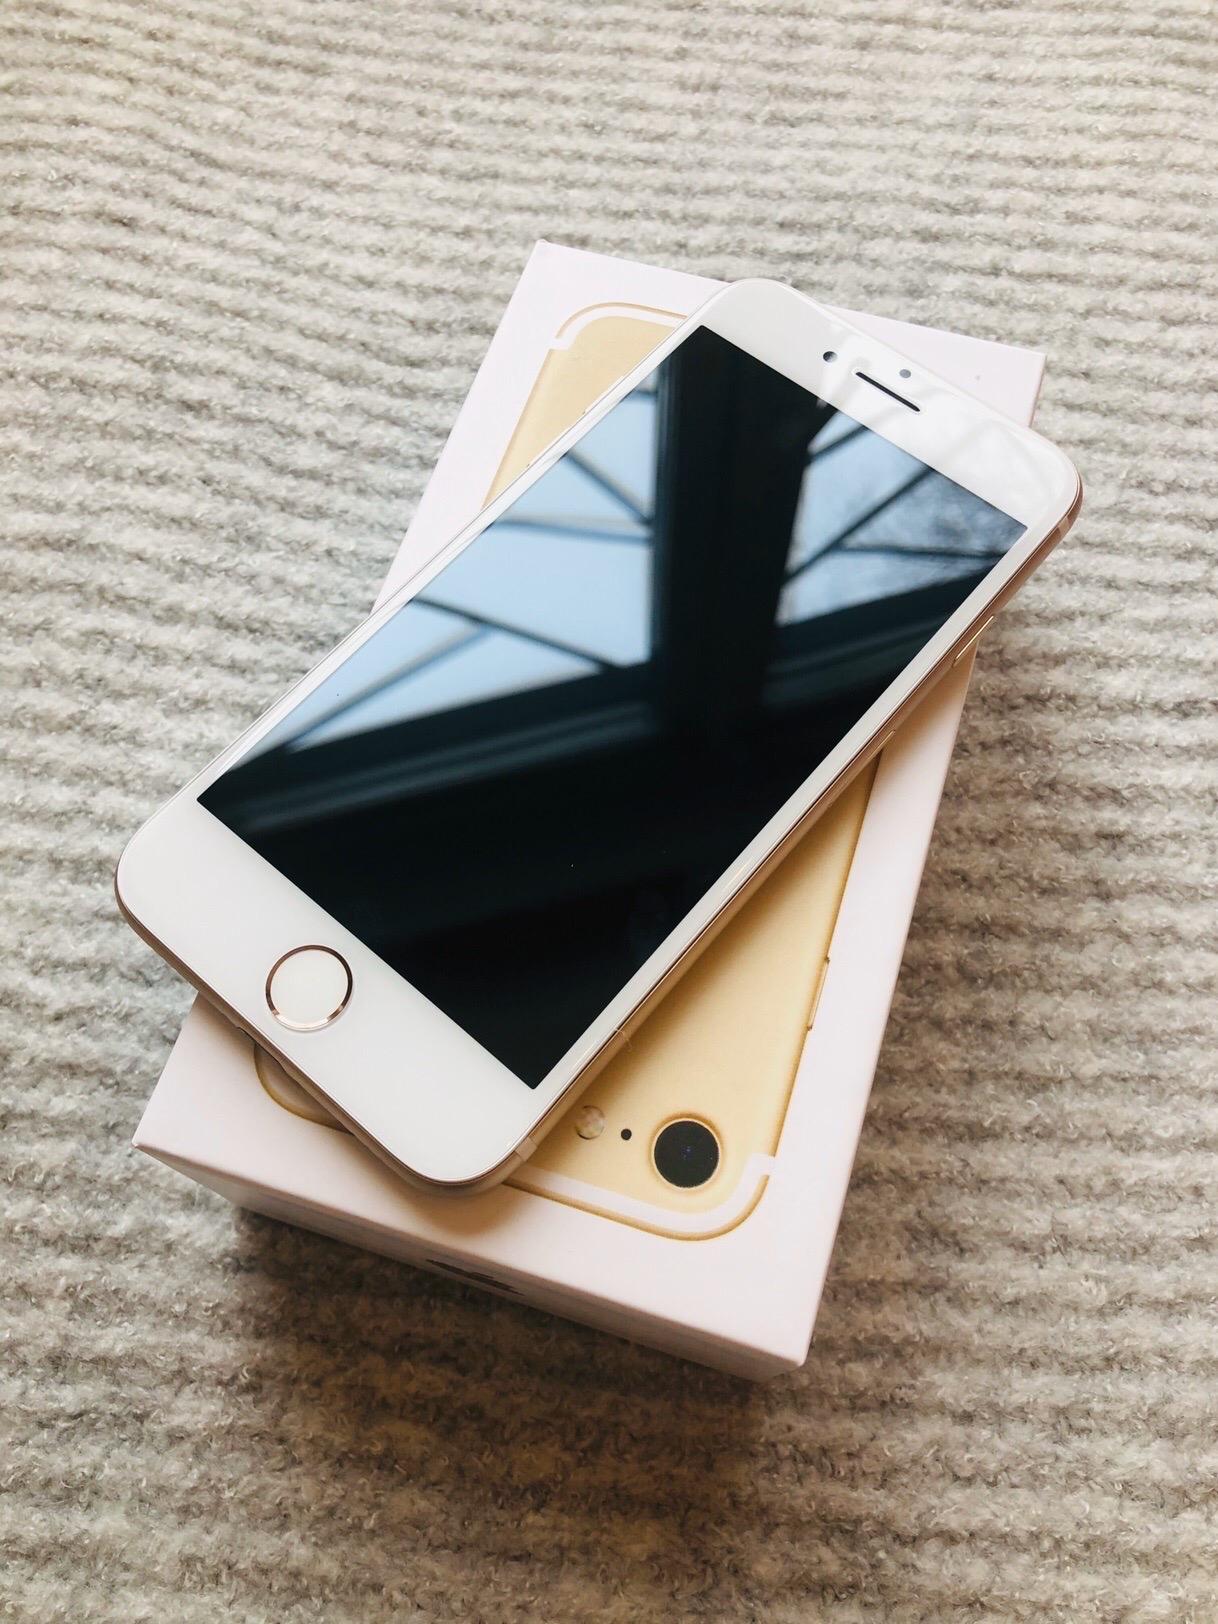 Купить iPhone 7 на 32GB Оригинальный  | Объявления Орска и Новотроицка №1427